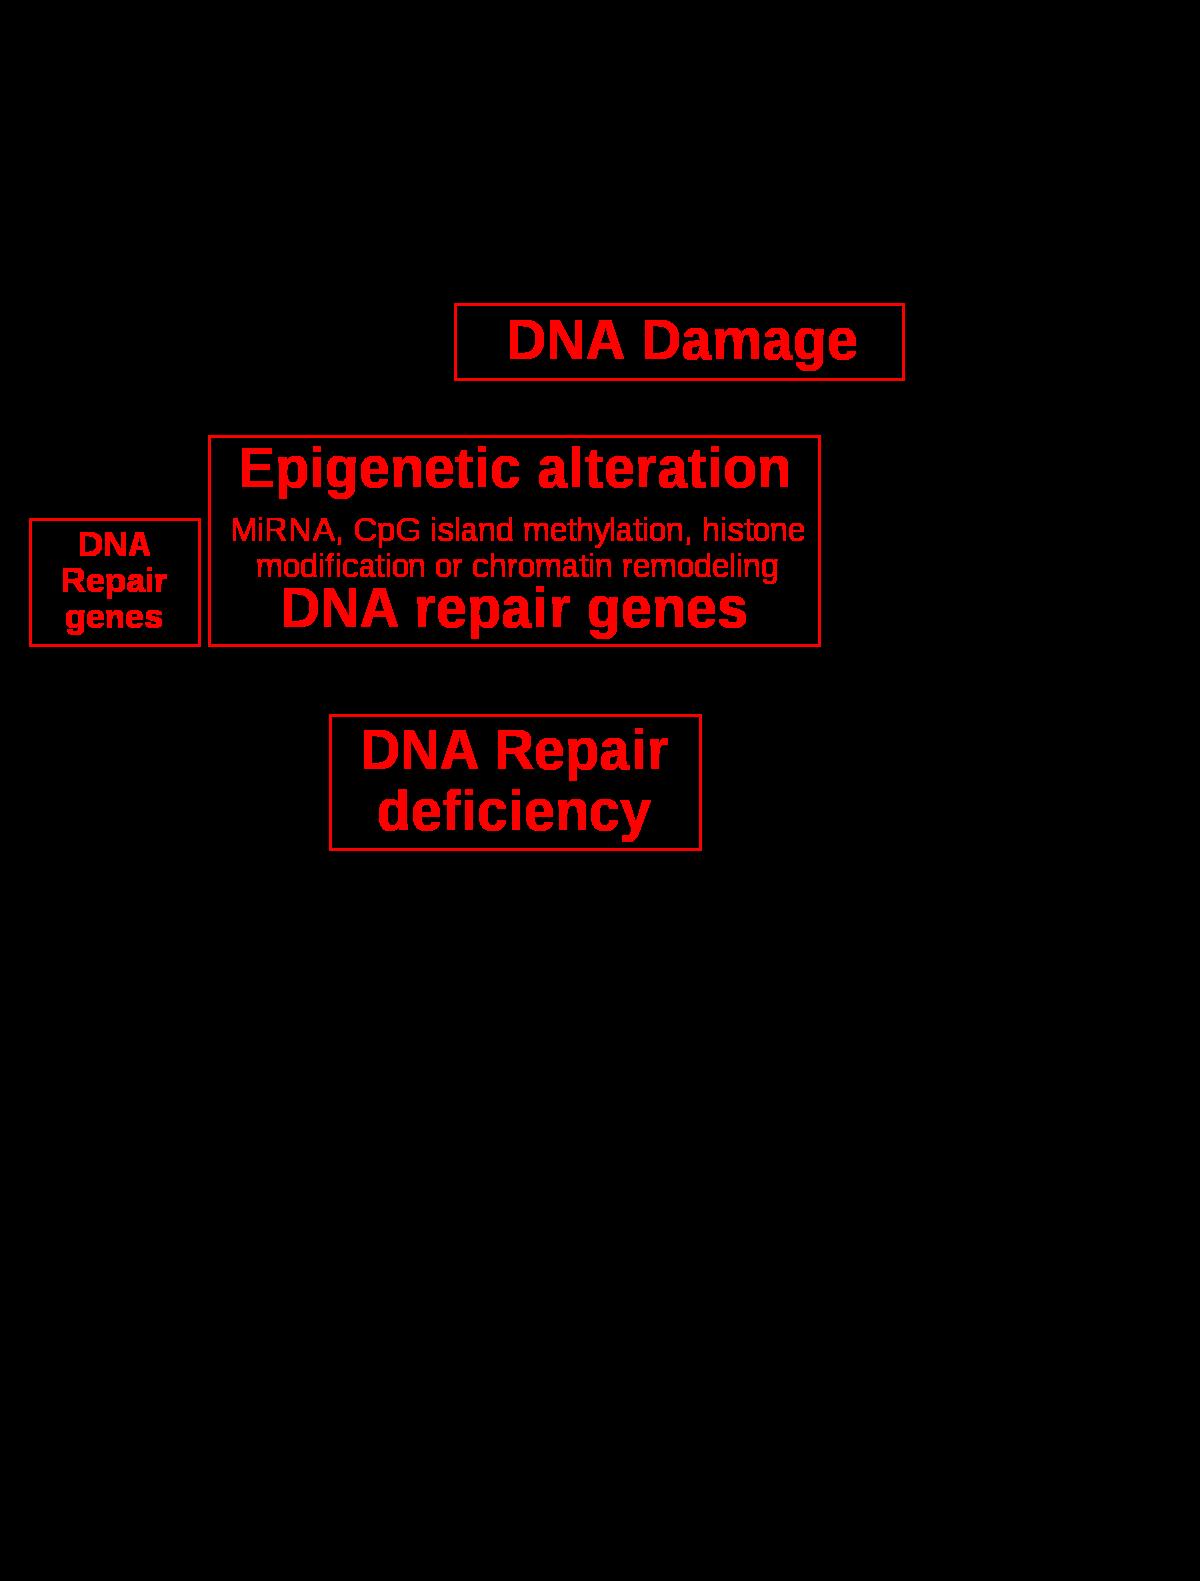 DNS papilloma vírus pozitív